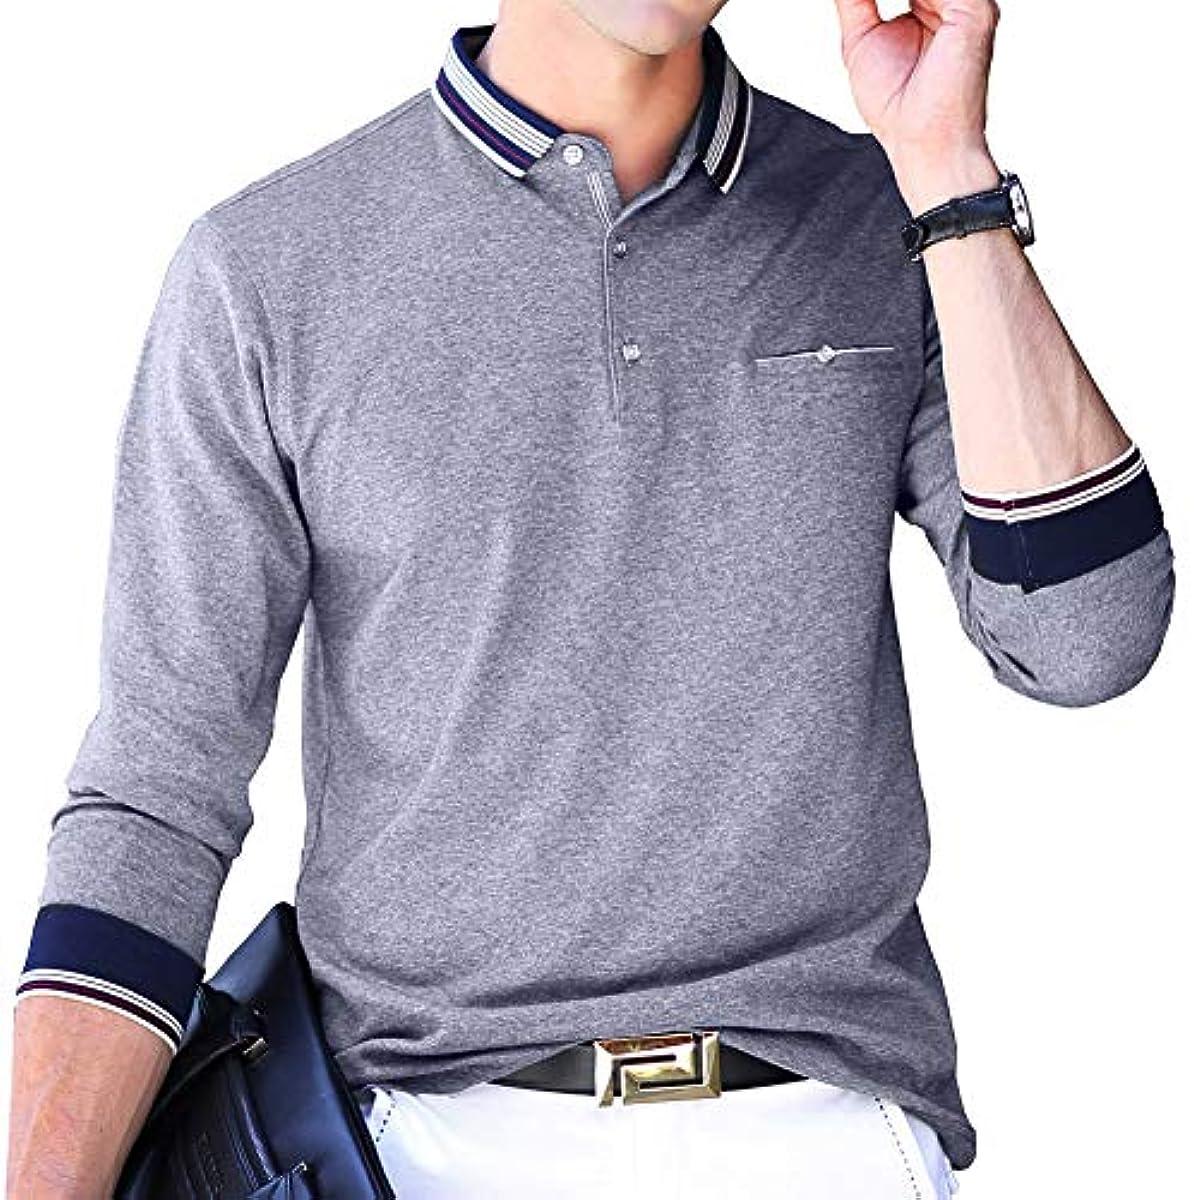 [해외] 폴로 셔츠 긴 소매 맨즈 골프 웨어 비지니스 스포츠 폴로 셔츠 남성 골프 폴로 셔츠 추동춘 7 색전개